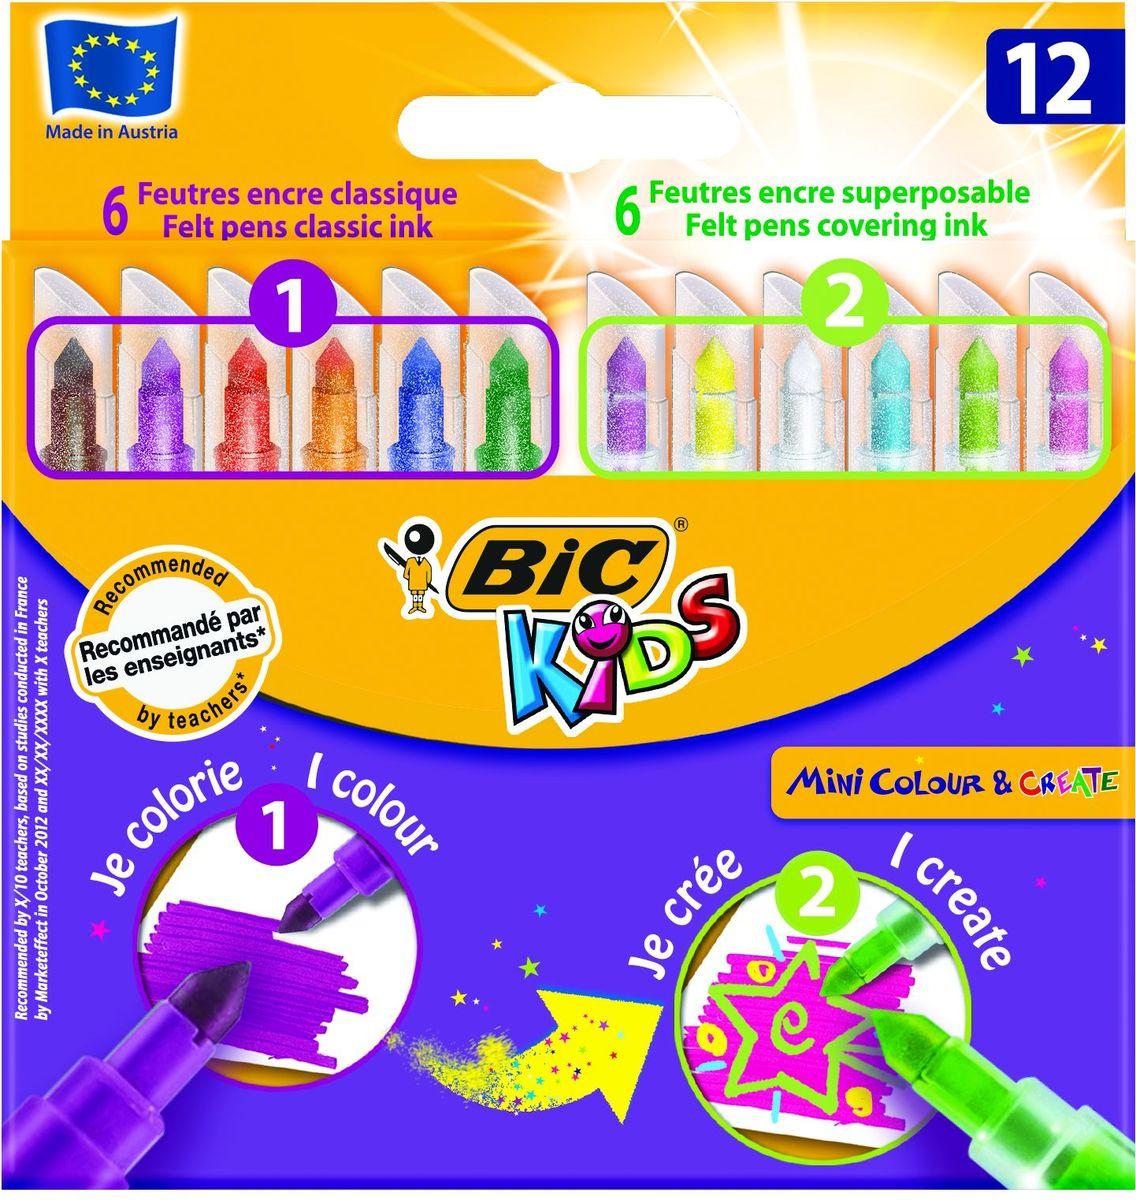 Bic Фломастеры Mini 12 цветовB892221Набор Bic Mini включает 6 обычных и 6 тонирующих фломастеров, с помощью которых можносоздавать специальные эффекты. Чернила на водной основе легко смываются с кожи,большинства материалов и отстирываются с одежды.Цветные фломастеры – это просто находка для маленьких любителей рисовать! Фломастерыоборудованы вентилируемым колпачком (в случае, если ребенок проглотит его, он сможетдышать). Конический пишущий узел позволяет рисовать как толстыми, так и тонкими линиями.Фиксированный пишущий узел не даст стержню провалиться даже при сильном нажатии.Идеальны для ежедневного использования детьми от 5 лет. Уважаемые клиенты!Обращаем ваше внимание на возможные изменения в дизайне упаковки. Качественные характеристики товараостаются неизменными. Поставка осуществляется в зависимости от наличия на складе.